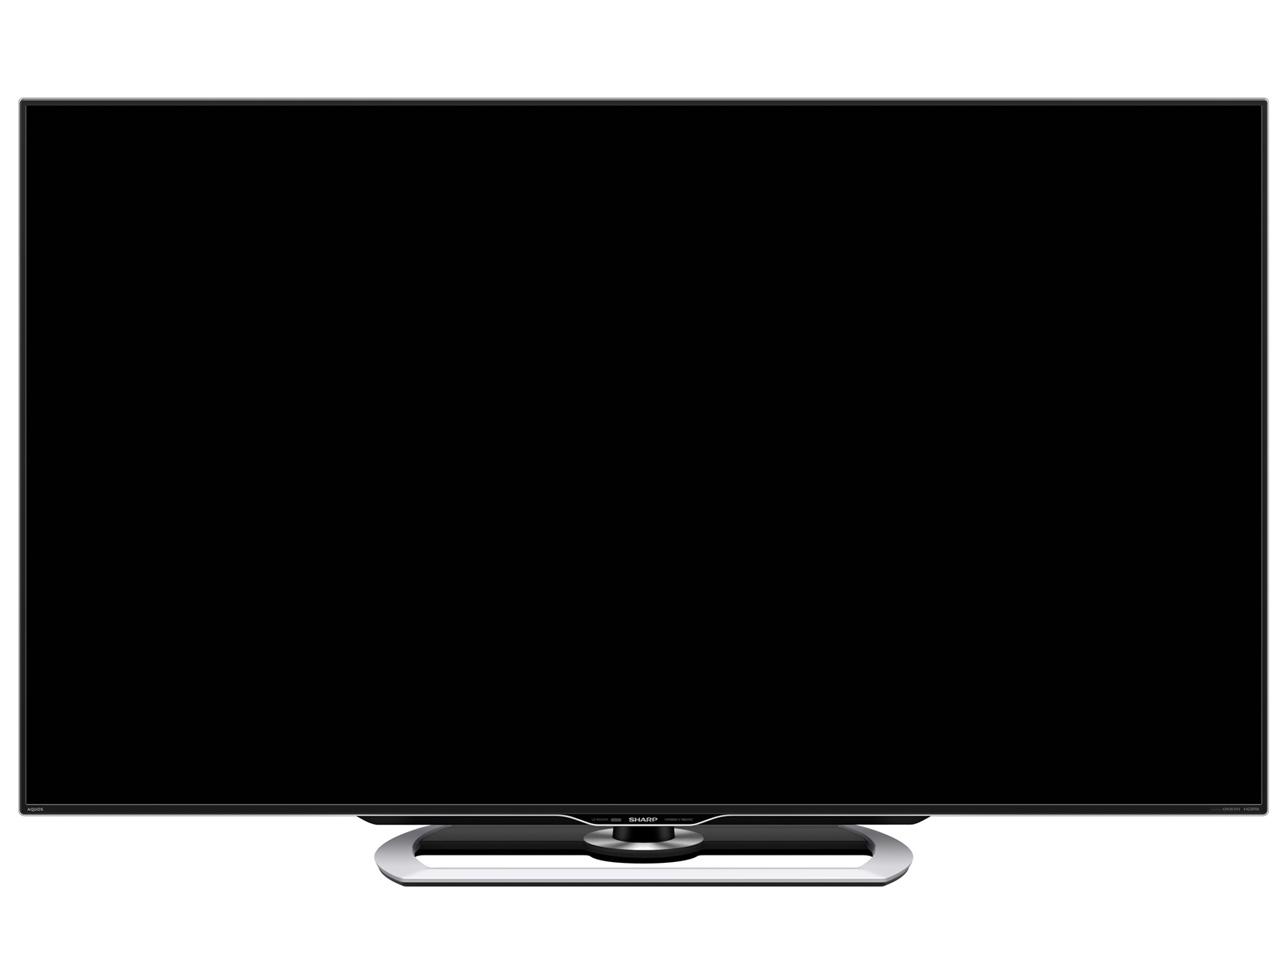 シャープ SHARP アクオス AQUOS LC-45US40 LC-50US40 LC-55US40 LC-60US40_テレビ画像